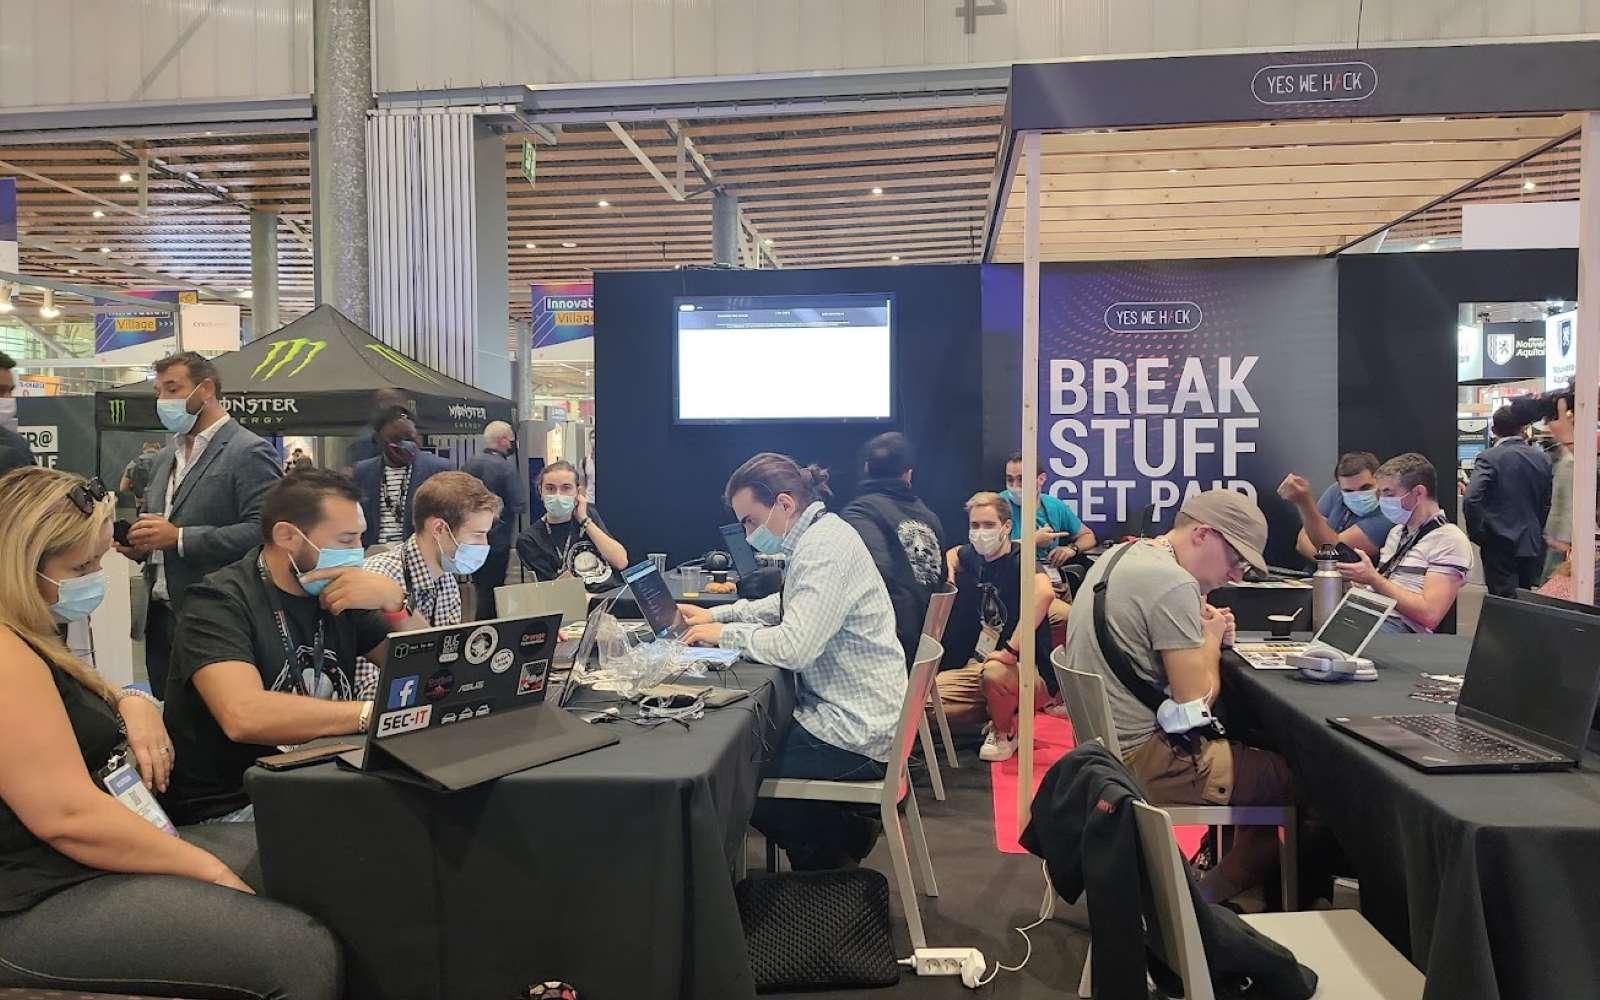 Sur le stand de Yes We Hack, une vingtaine de participants se sont retrouvés à la recherche de bugs et de vulnérabilités pour empocher des primes allant de 50 à 10.000 euros. © Futura